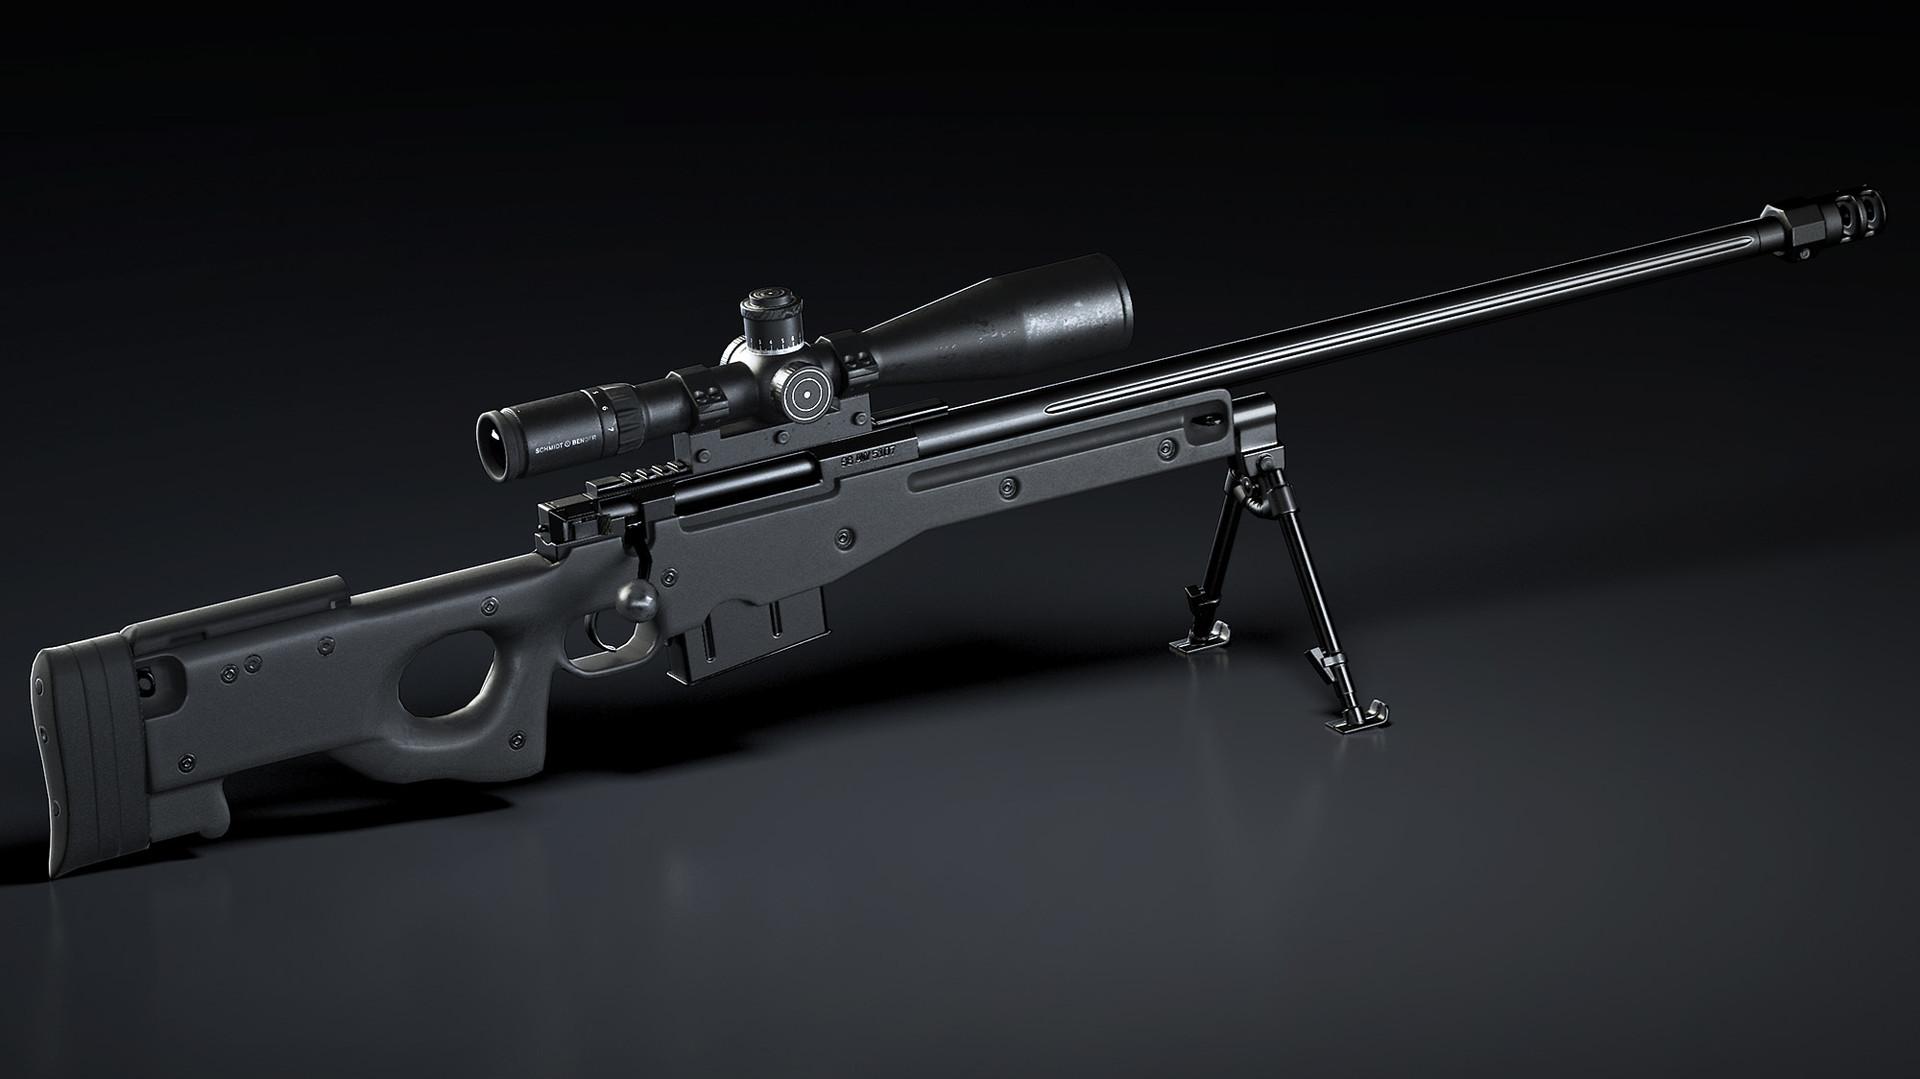 magnum sniper rifle - HD1920×1079